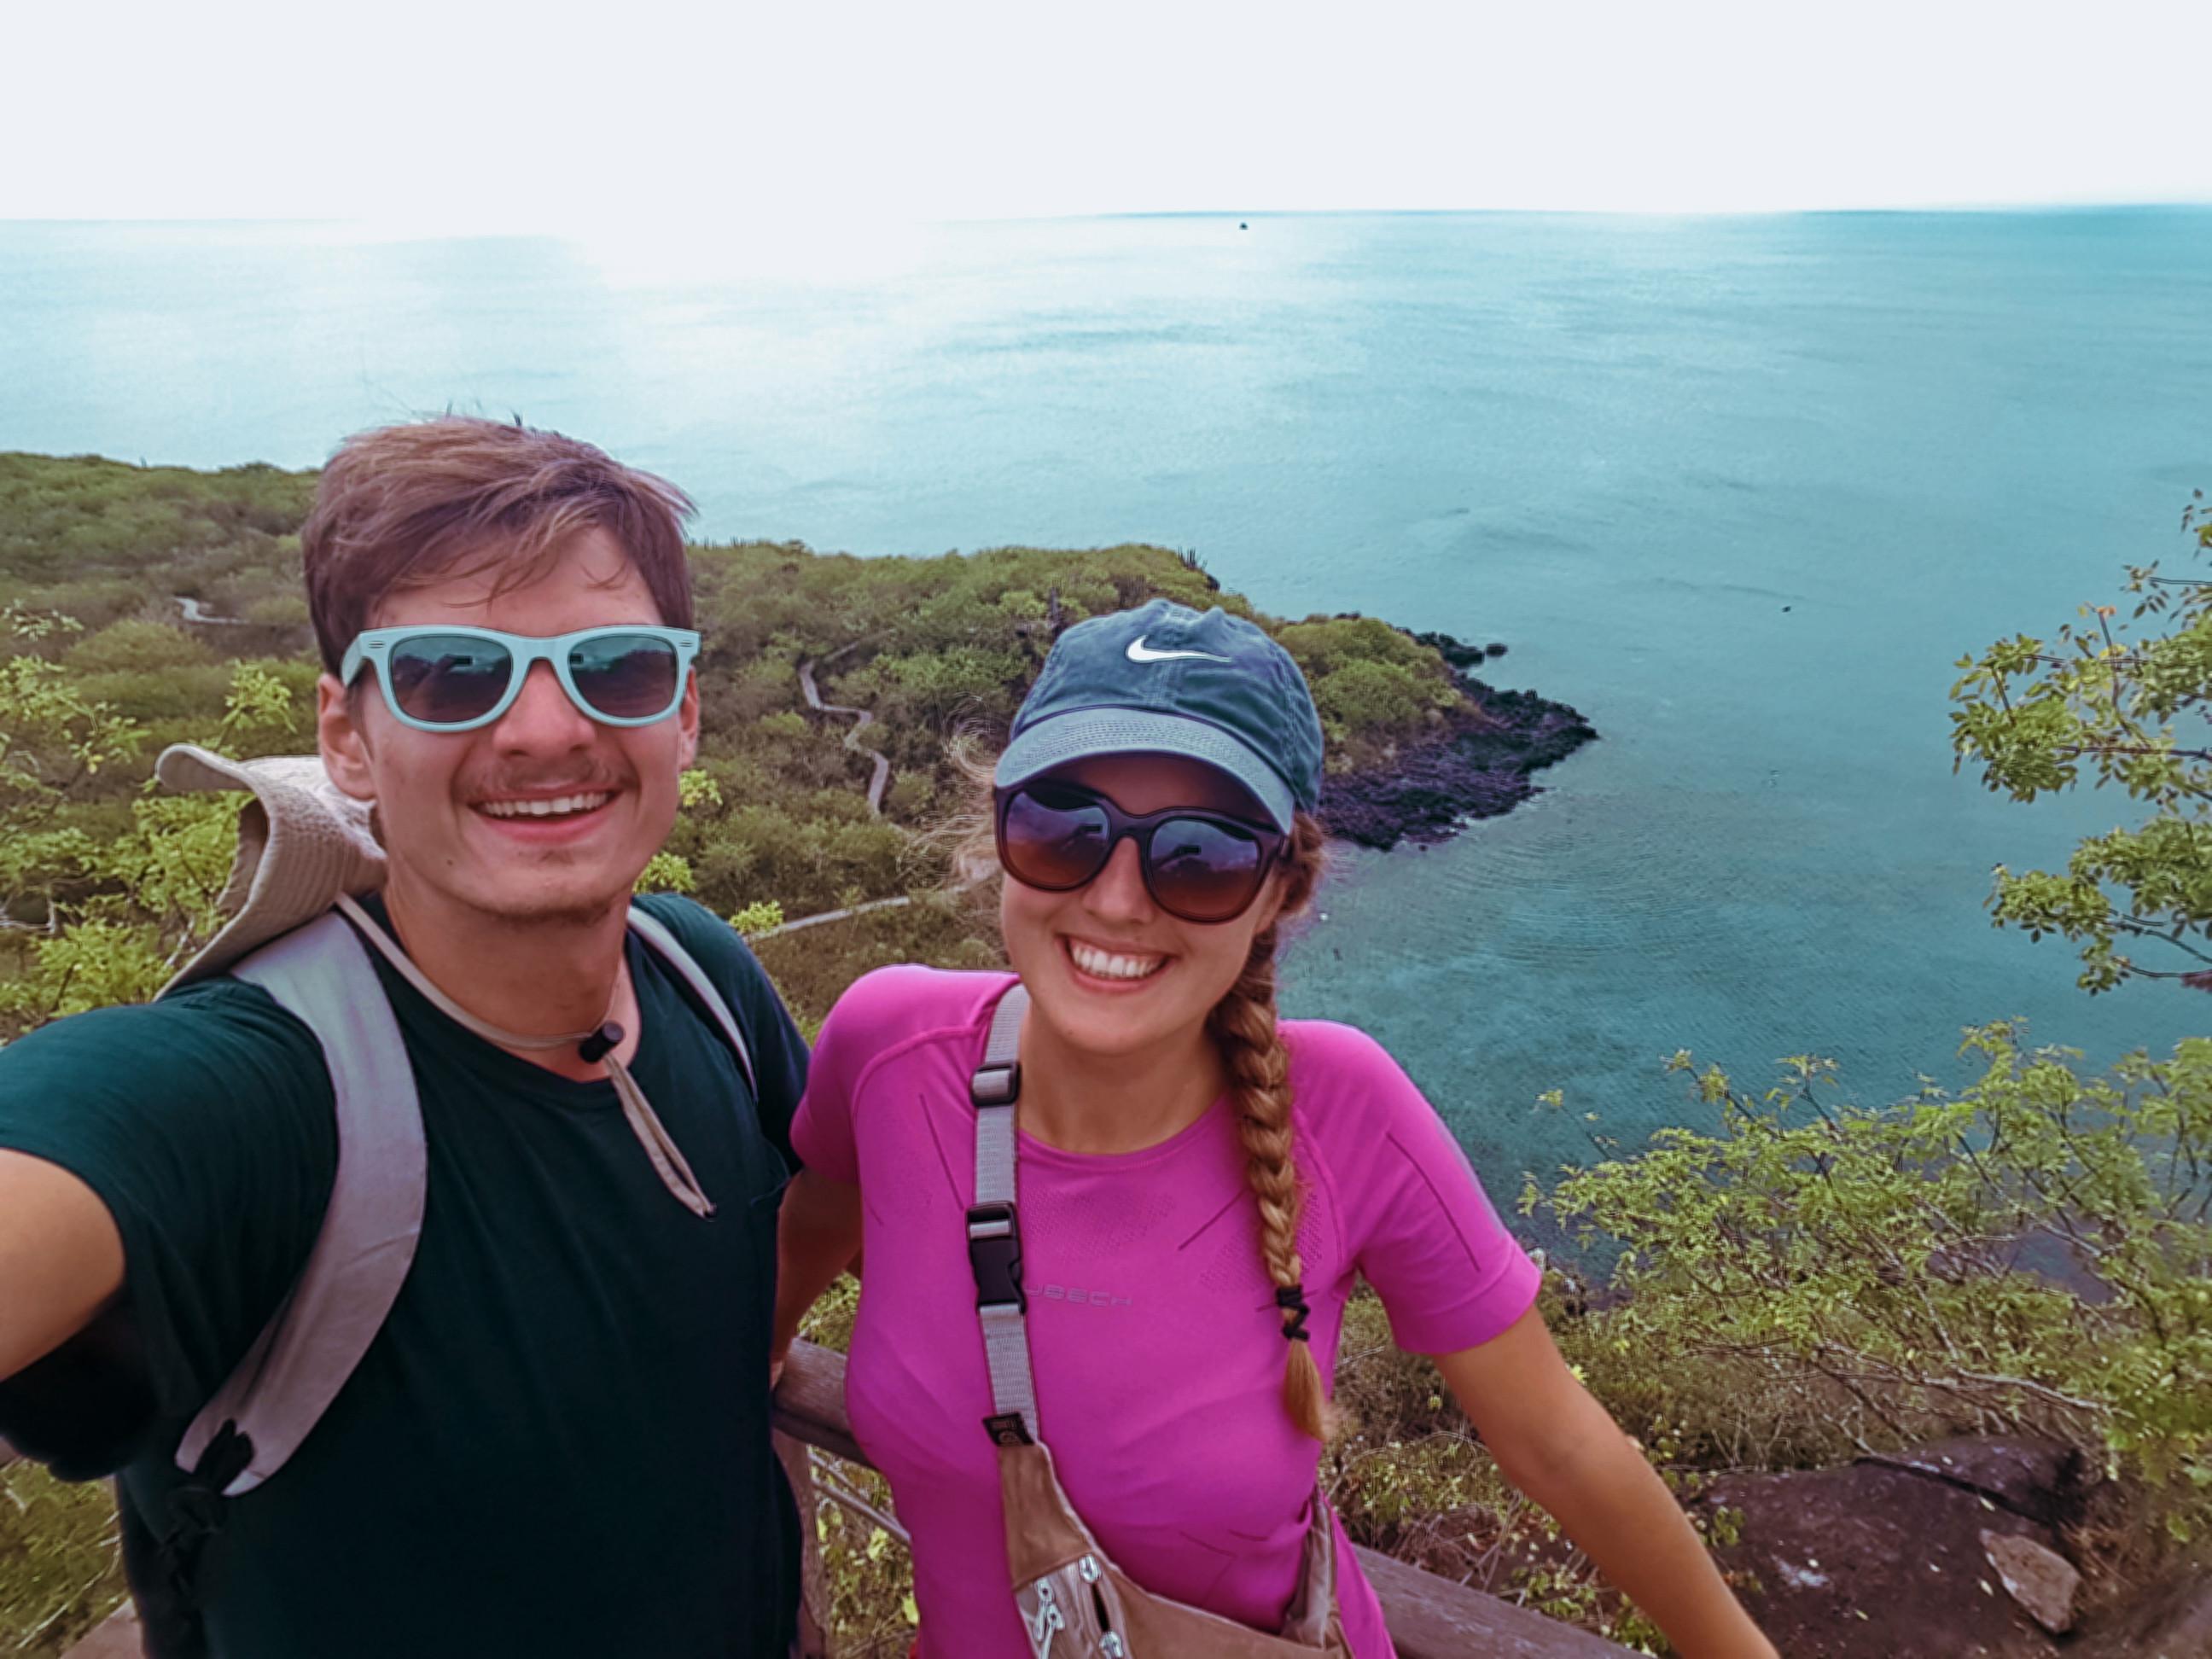 Jak tanio zwiedzić Wyspy Galapagos Darmowe atrakcje nawyspach (17)